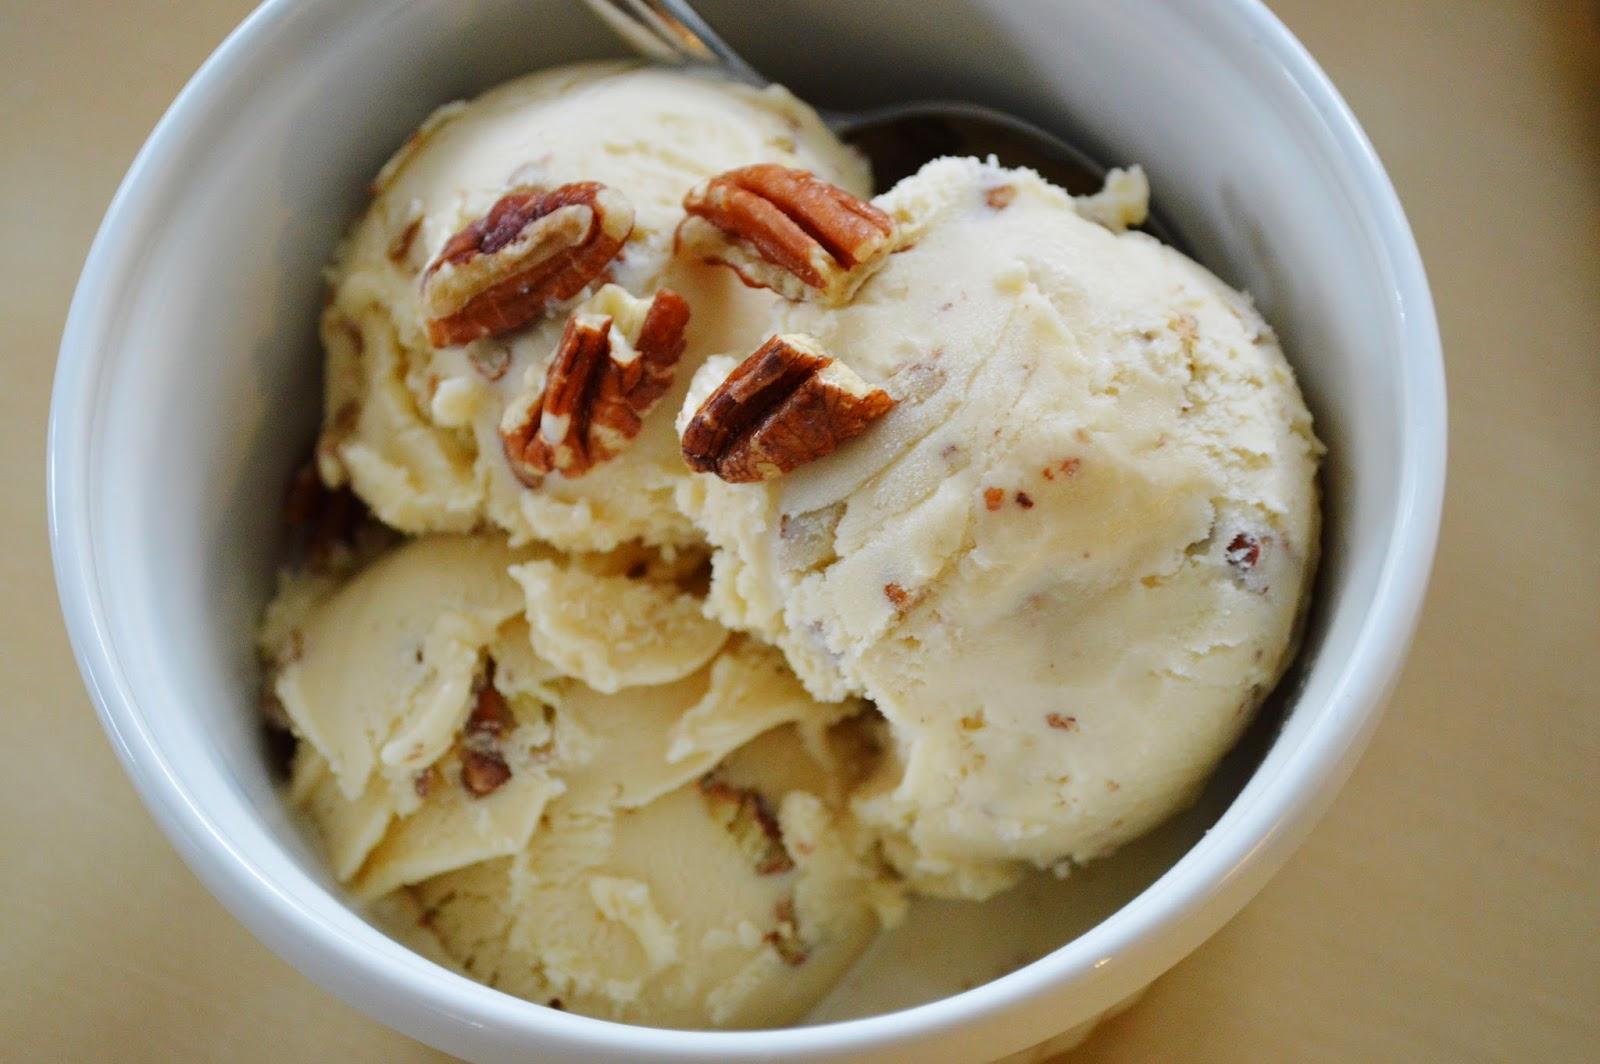 The Art of Comfort Baking: Butter Pecan Ice Cream